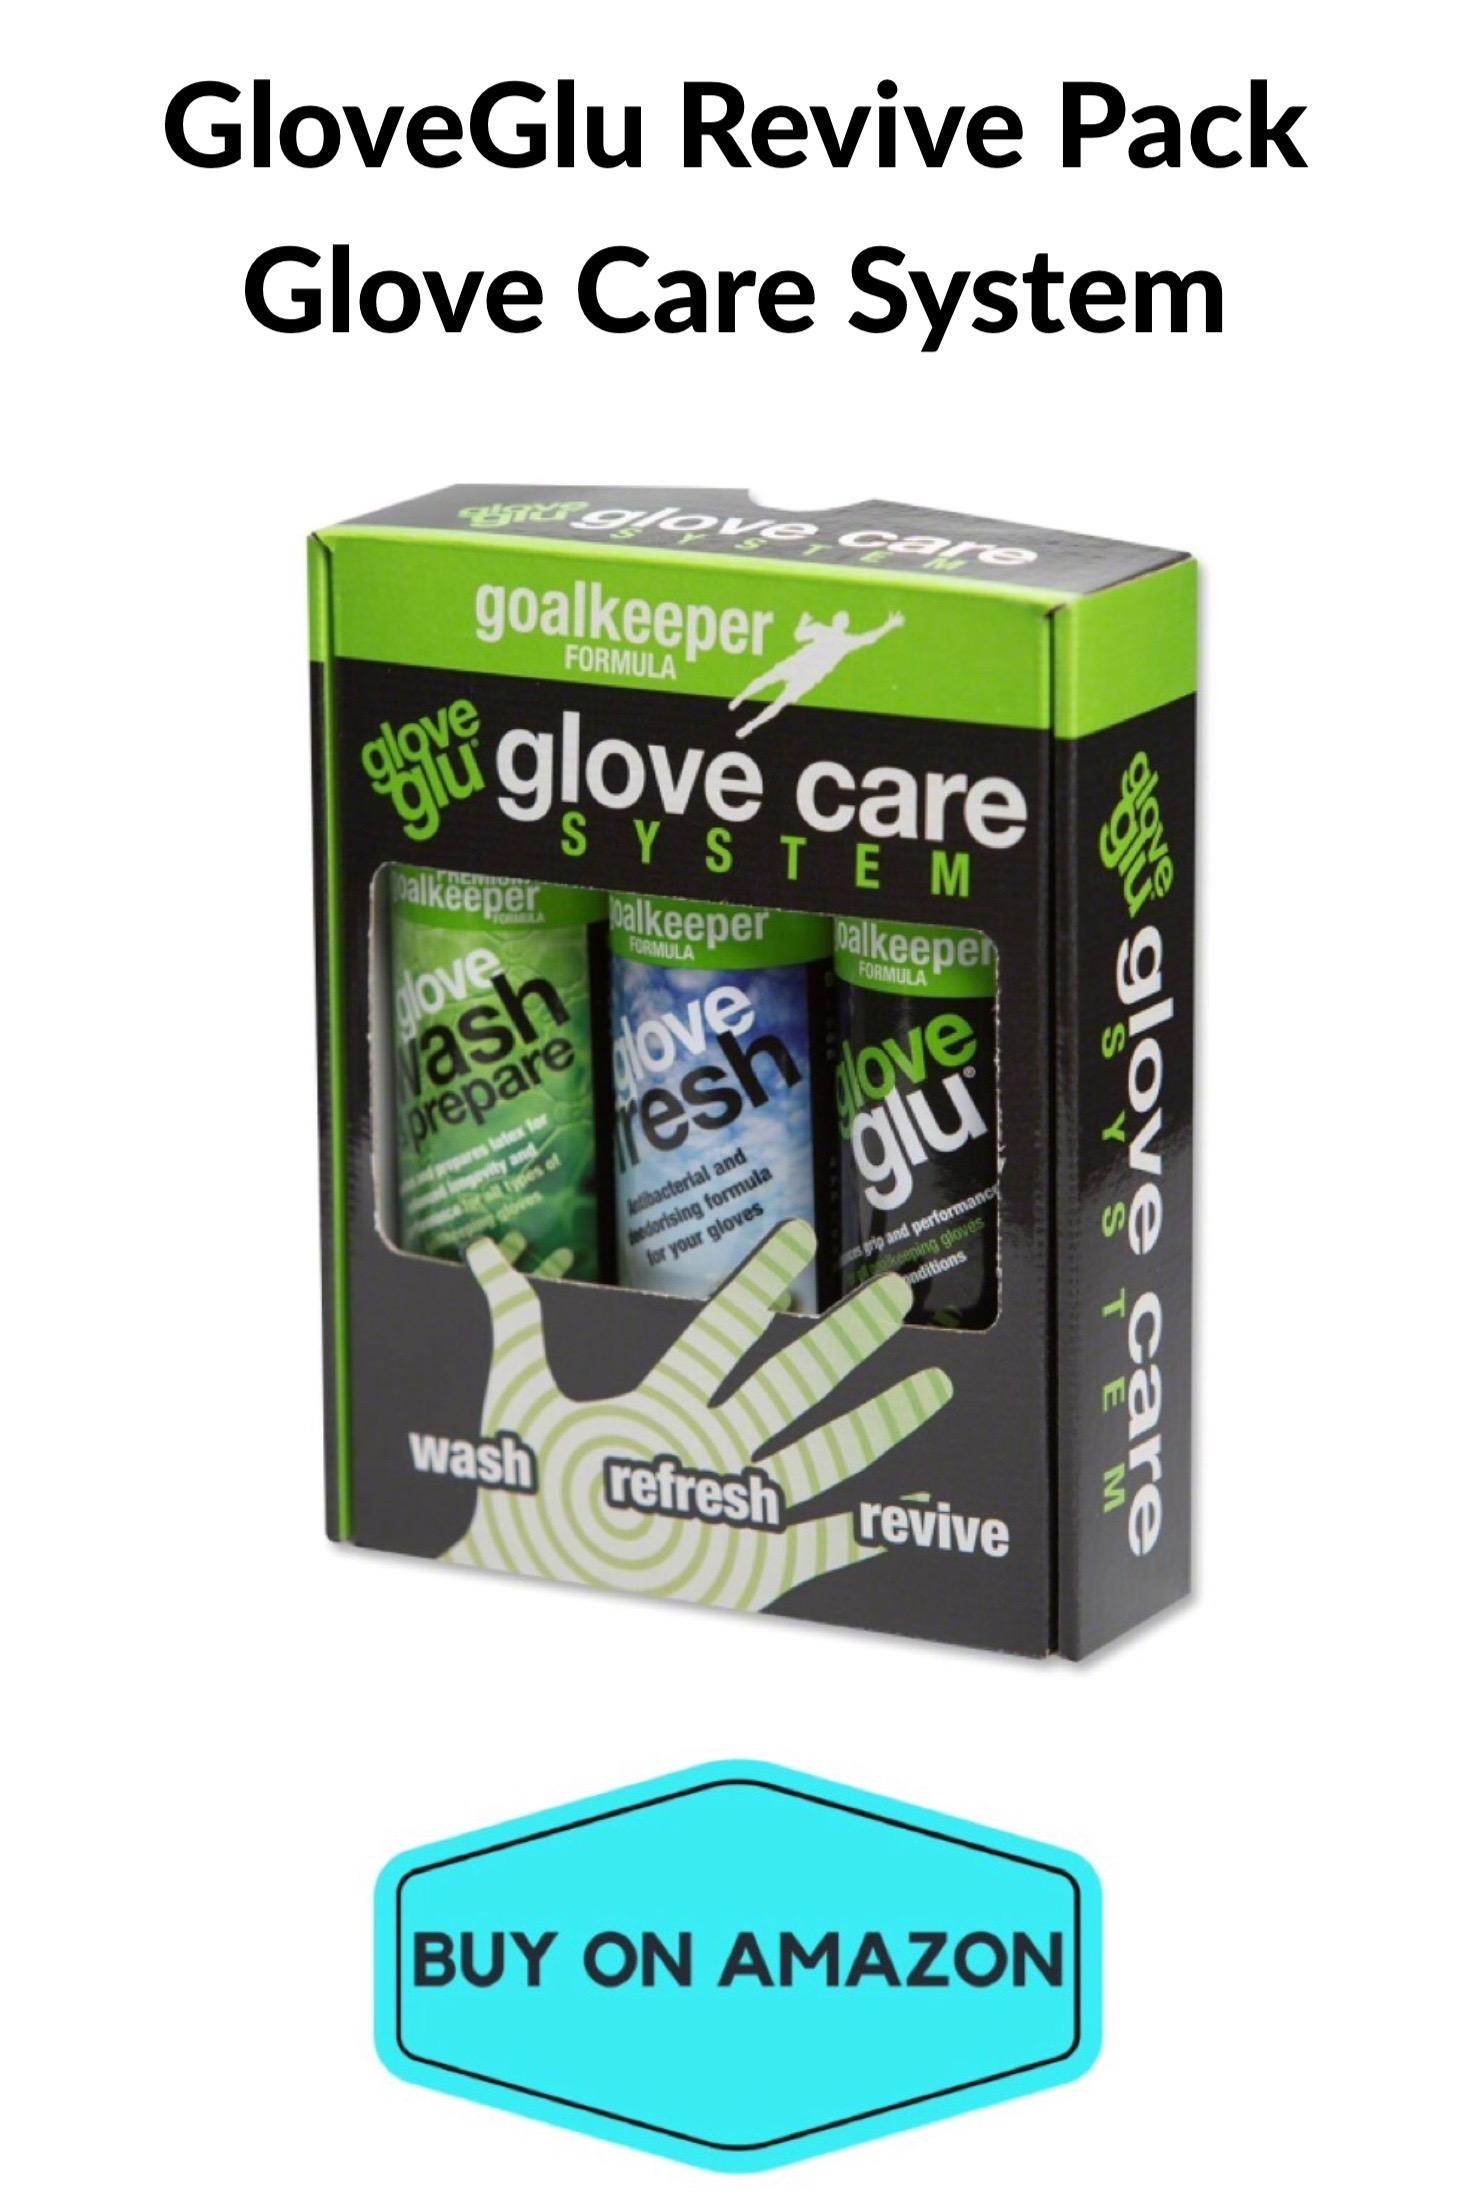 GloveGlu Revive Pack Glove Care System